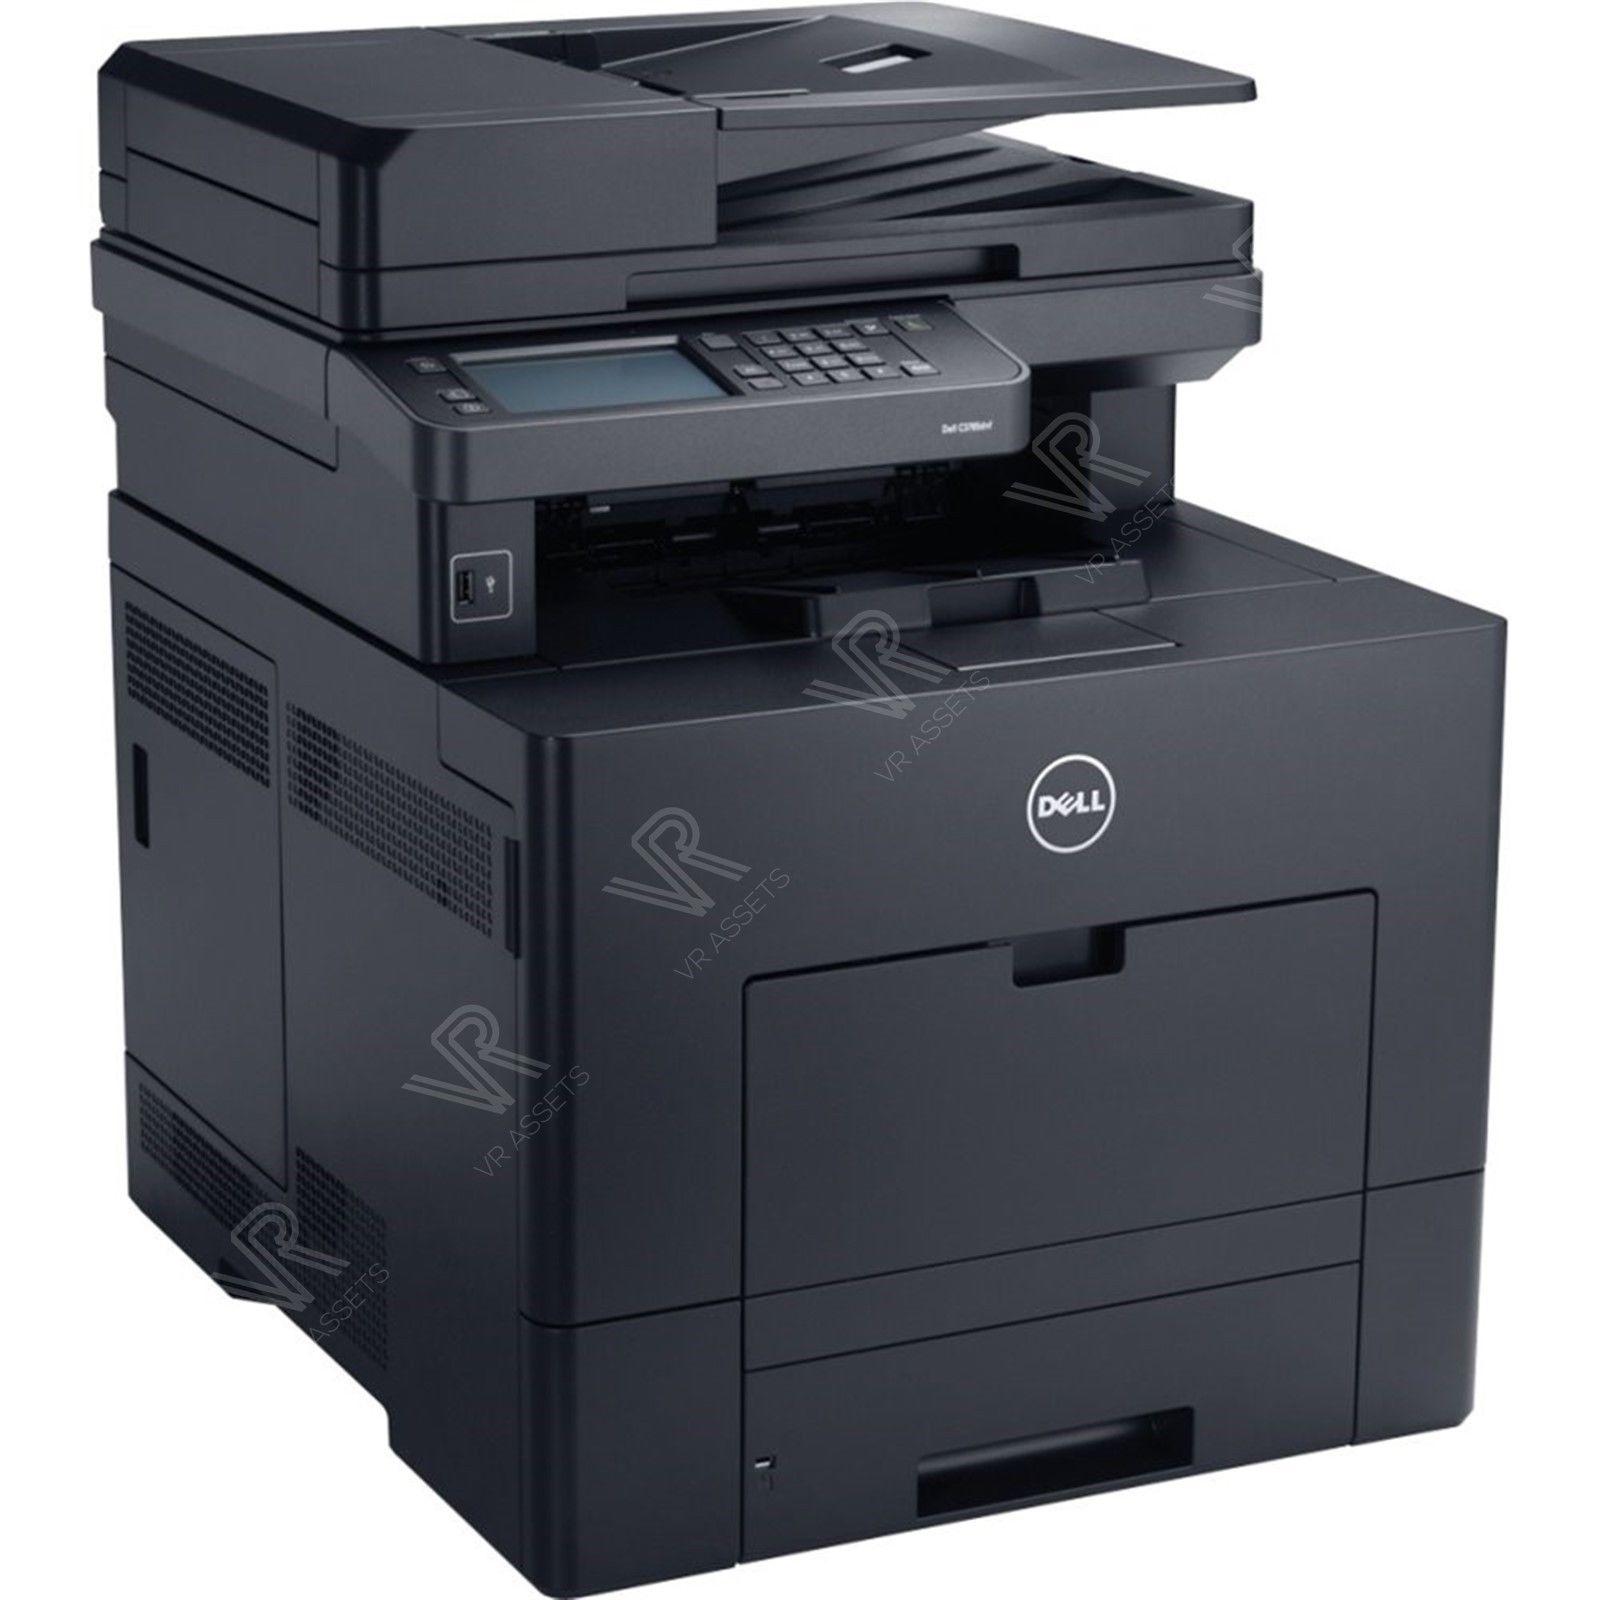 vr assets dell c3765dnf multifunction laser color network printer scanner copier fax new. Black Bedroom Furniture Sets. Home Design Ideas